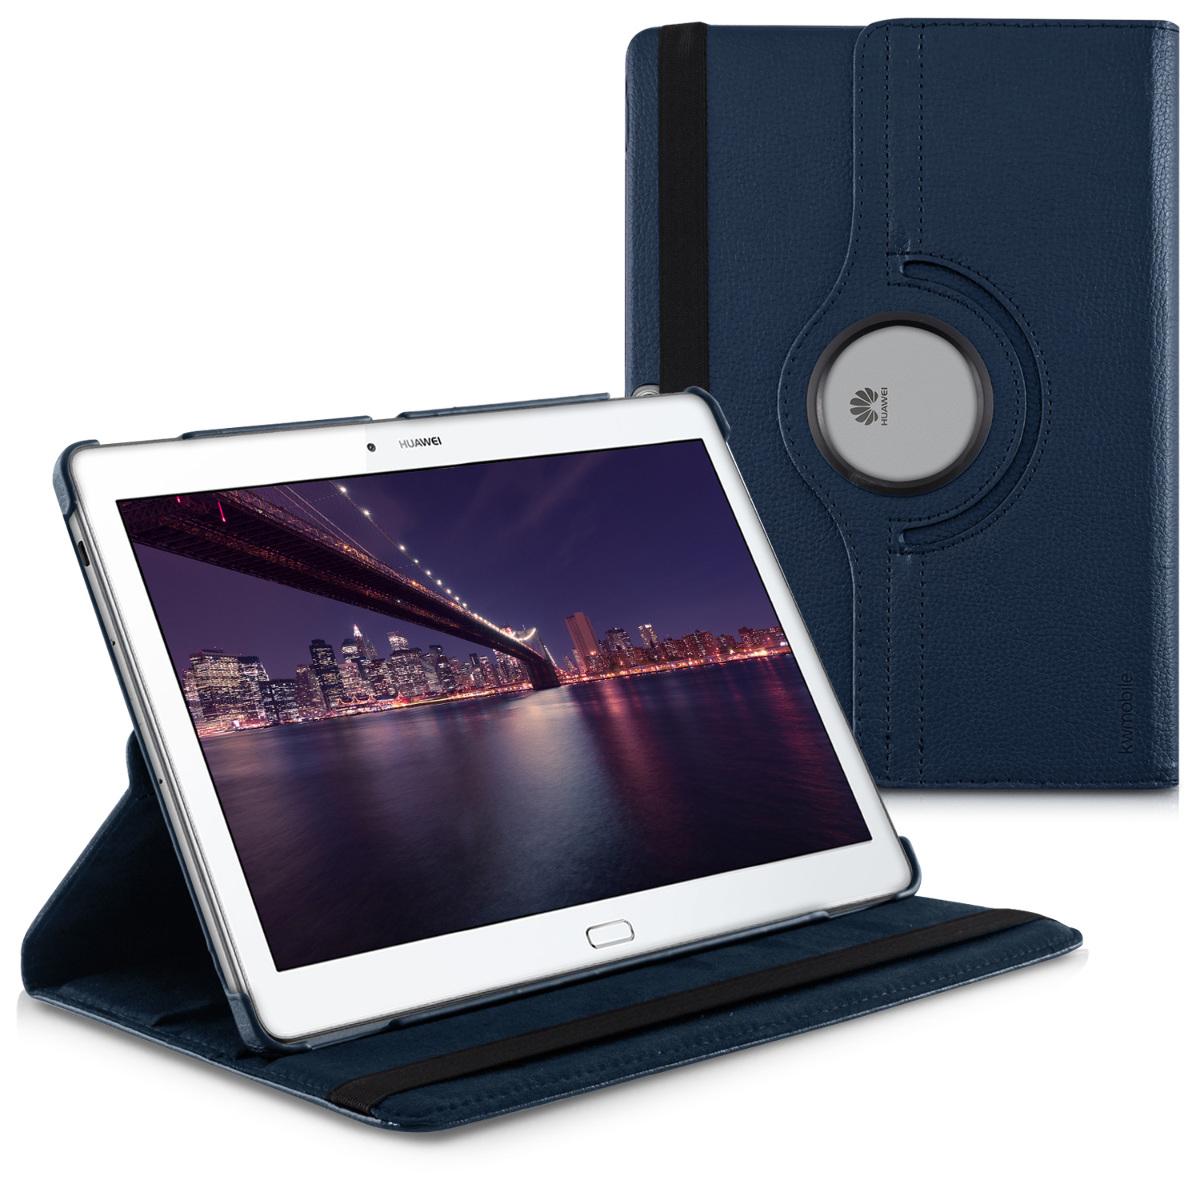 Computers/tablets & Networking Tablet & Ebook Reader Accs Hülle Für Huawei Mediapad T3 10 Kunstleder Tablet Case Cover Tablethülle